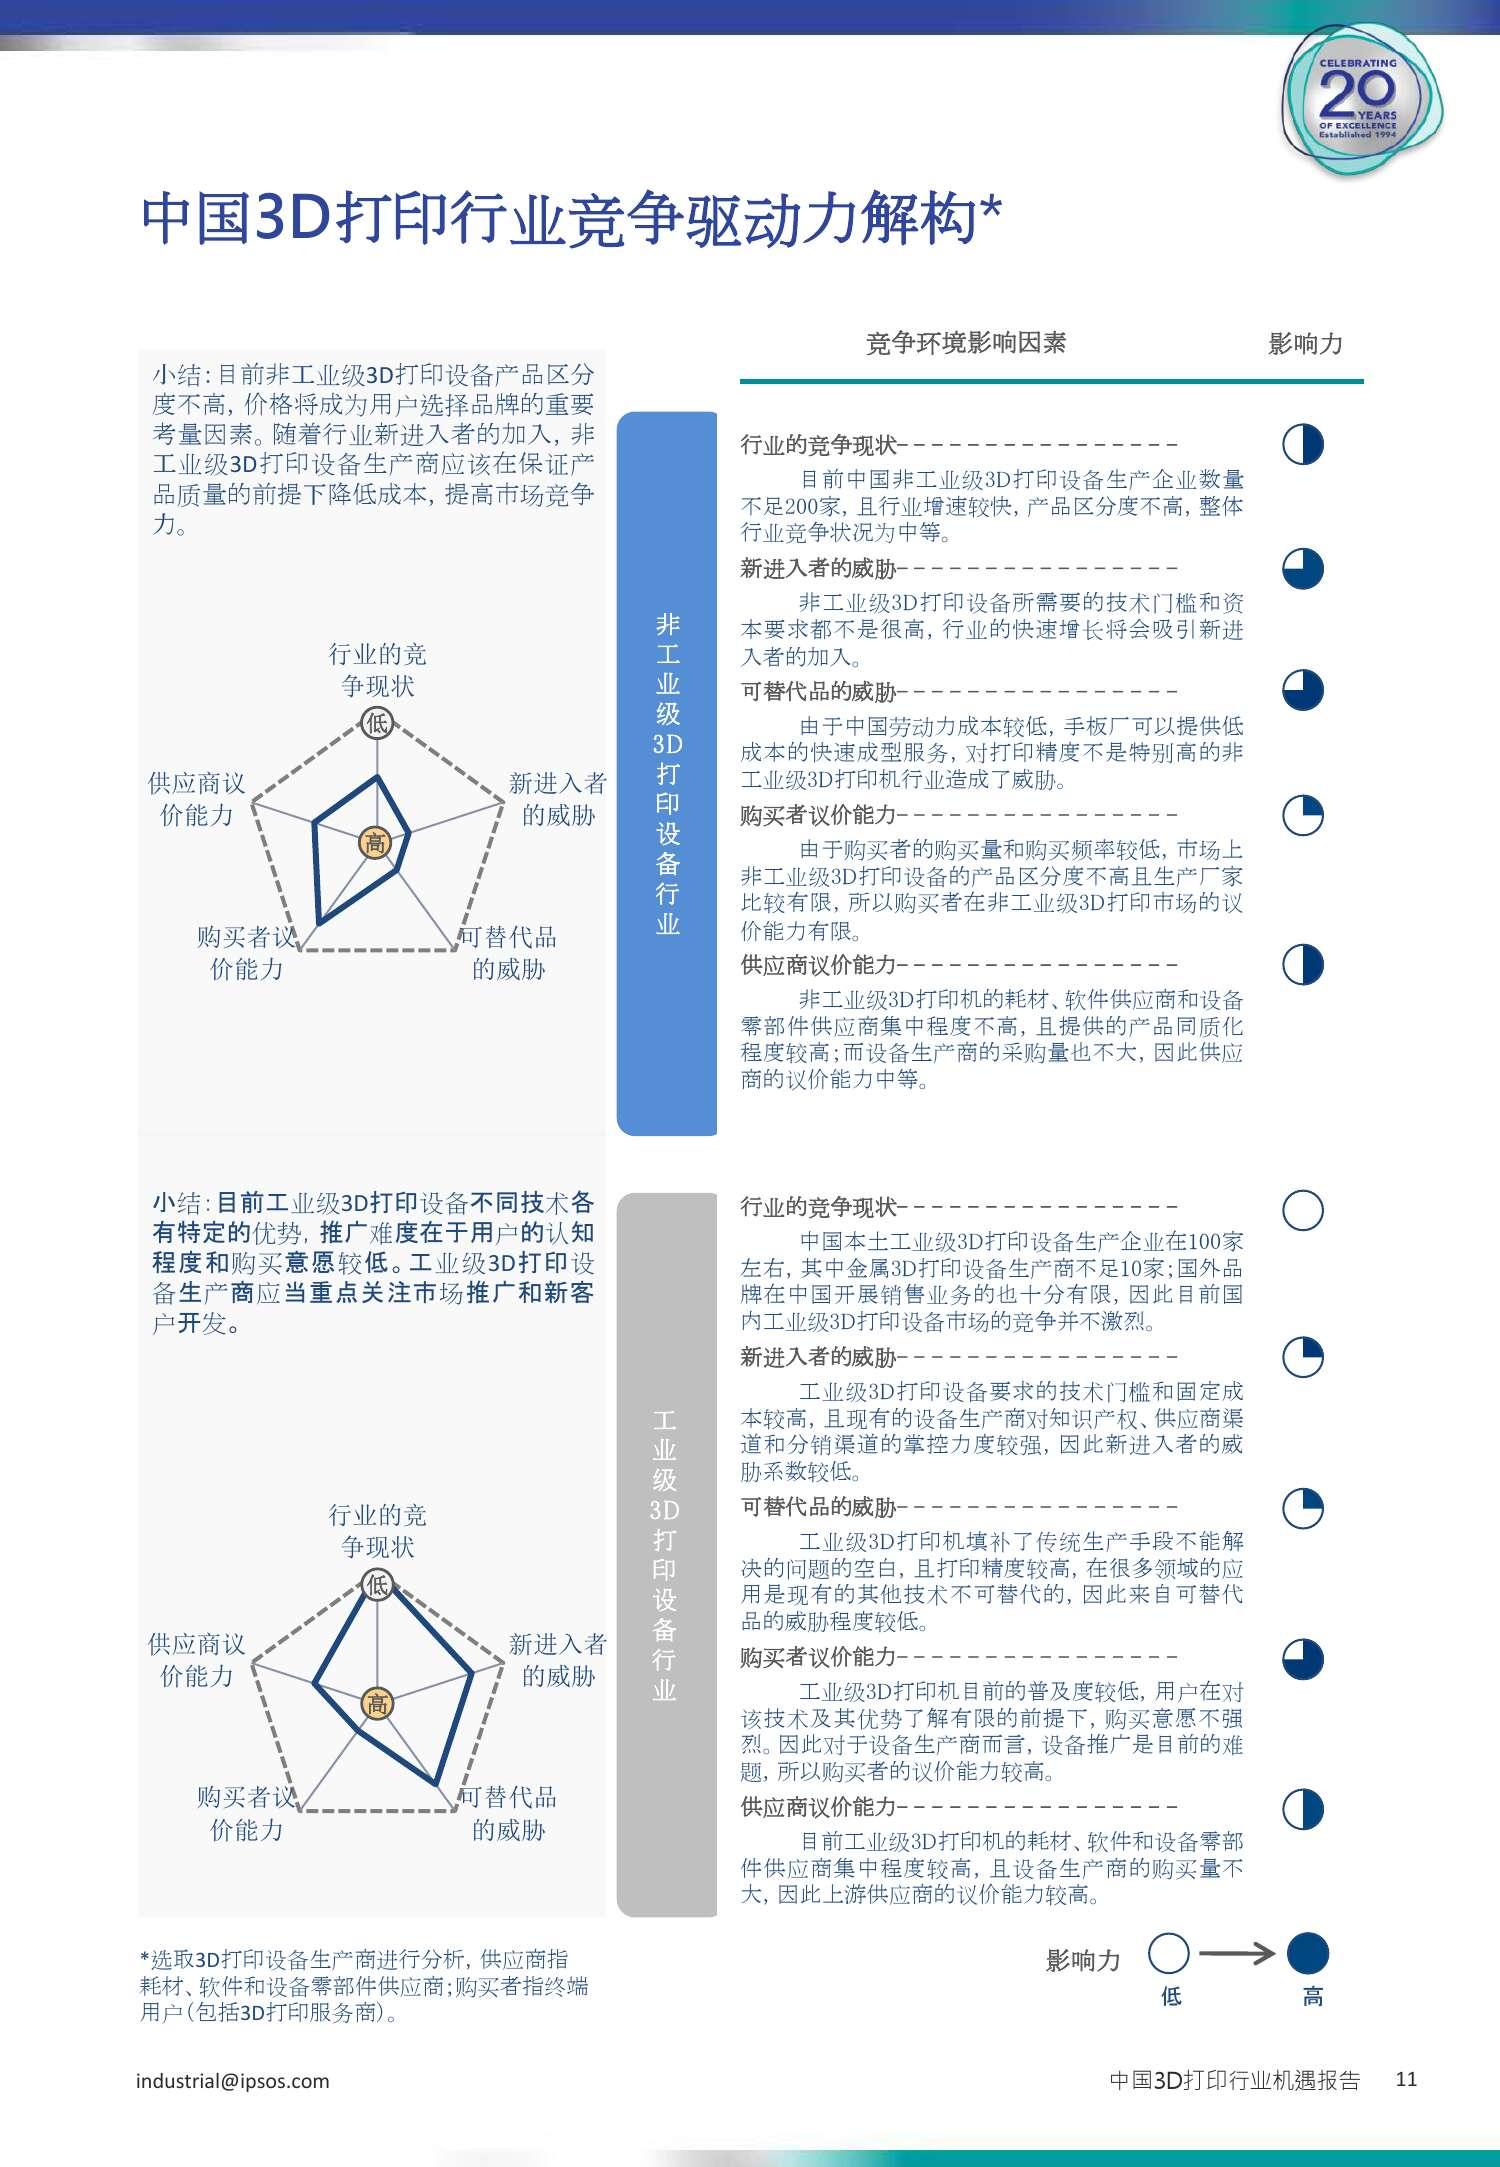 3D打印行业机遇报告_000011